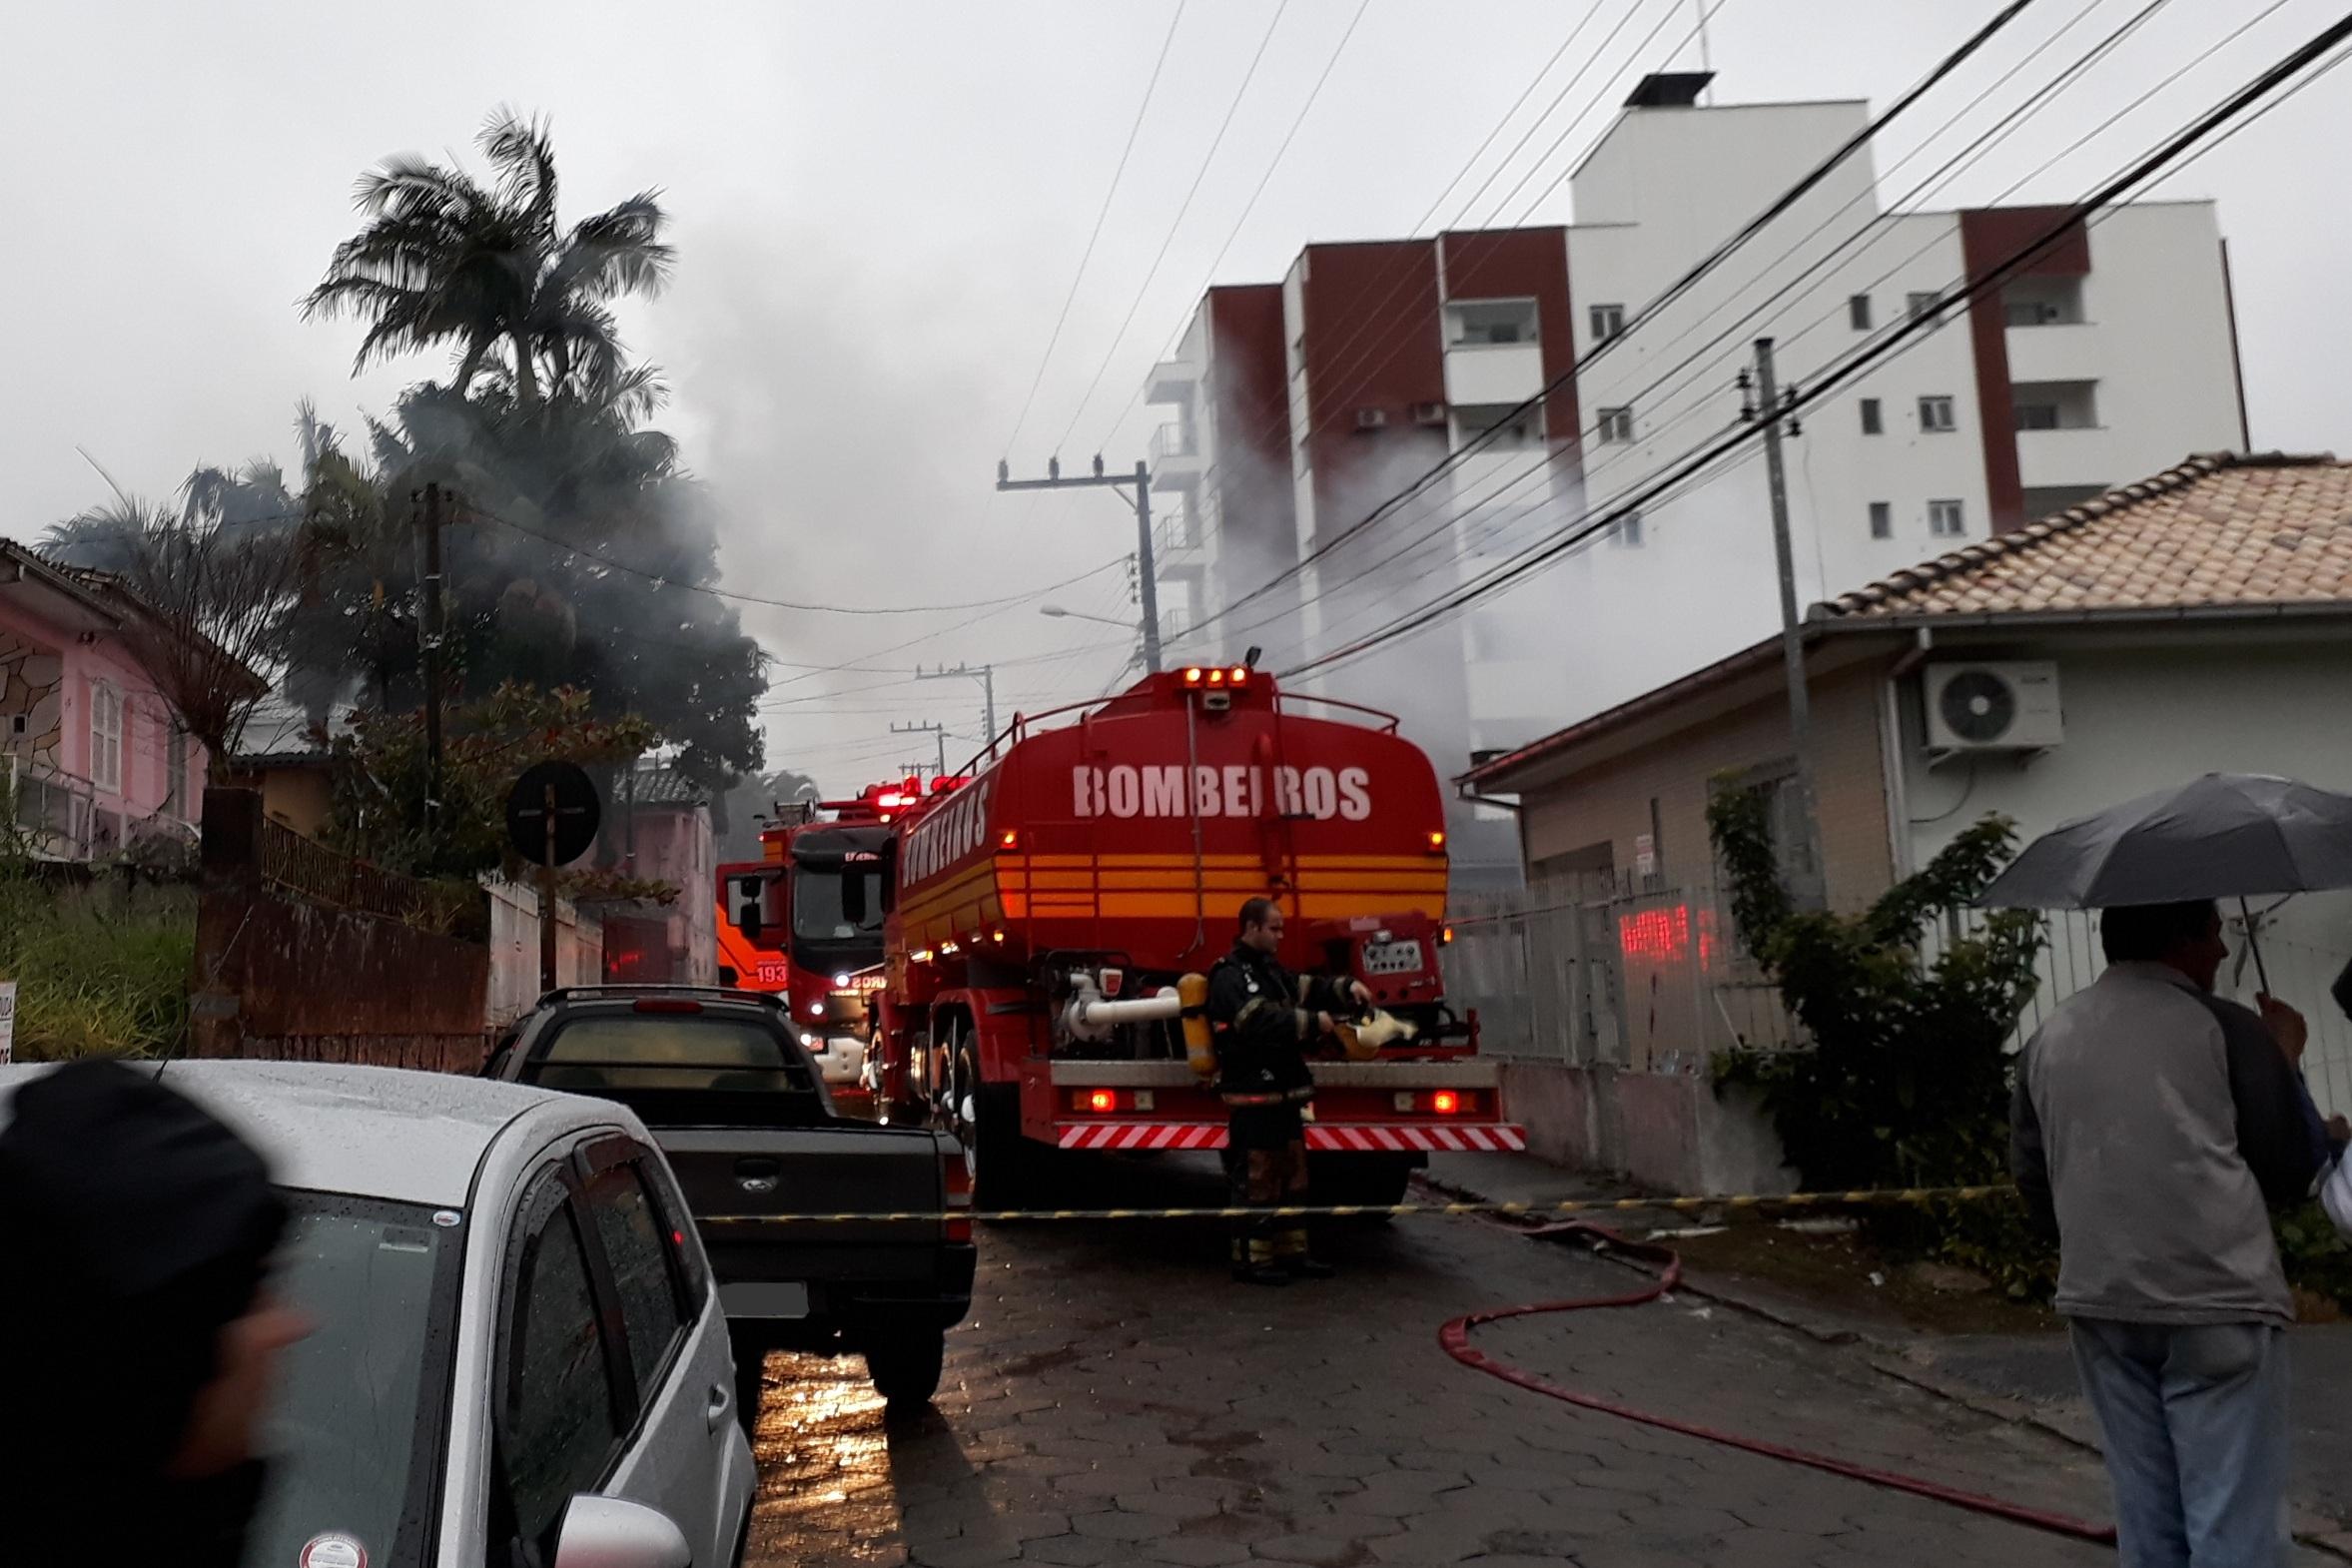 Incêndio-em-residência-no-São-Cristóvão_Suelen-Bongiolo-DN-17